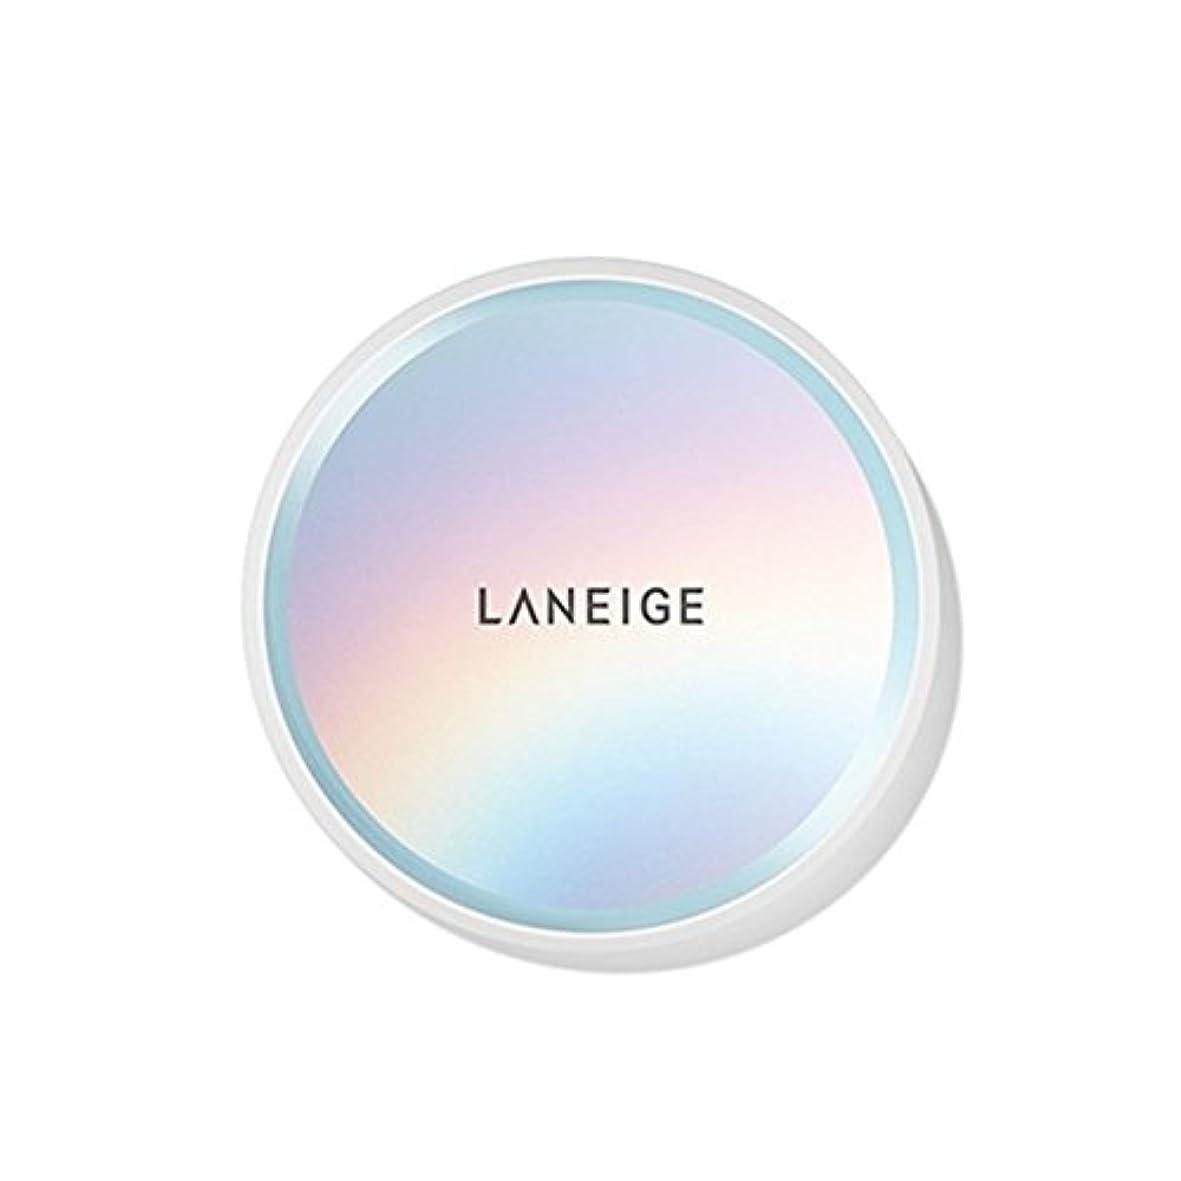 データベースガチョウ過敏な【ラネージュ】 LANEIGE BB Cushion Pore Control BBクッションポアコントロール 【韓国直送品】 OOPSPANDA (6.No. 13 Cool Ivory)